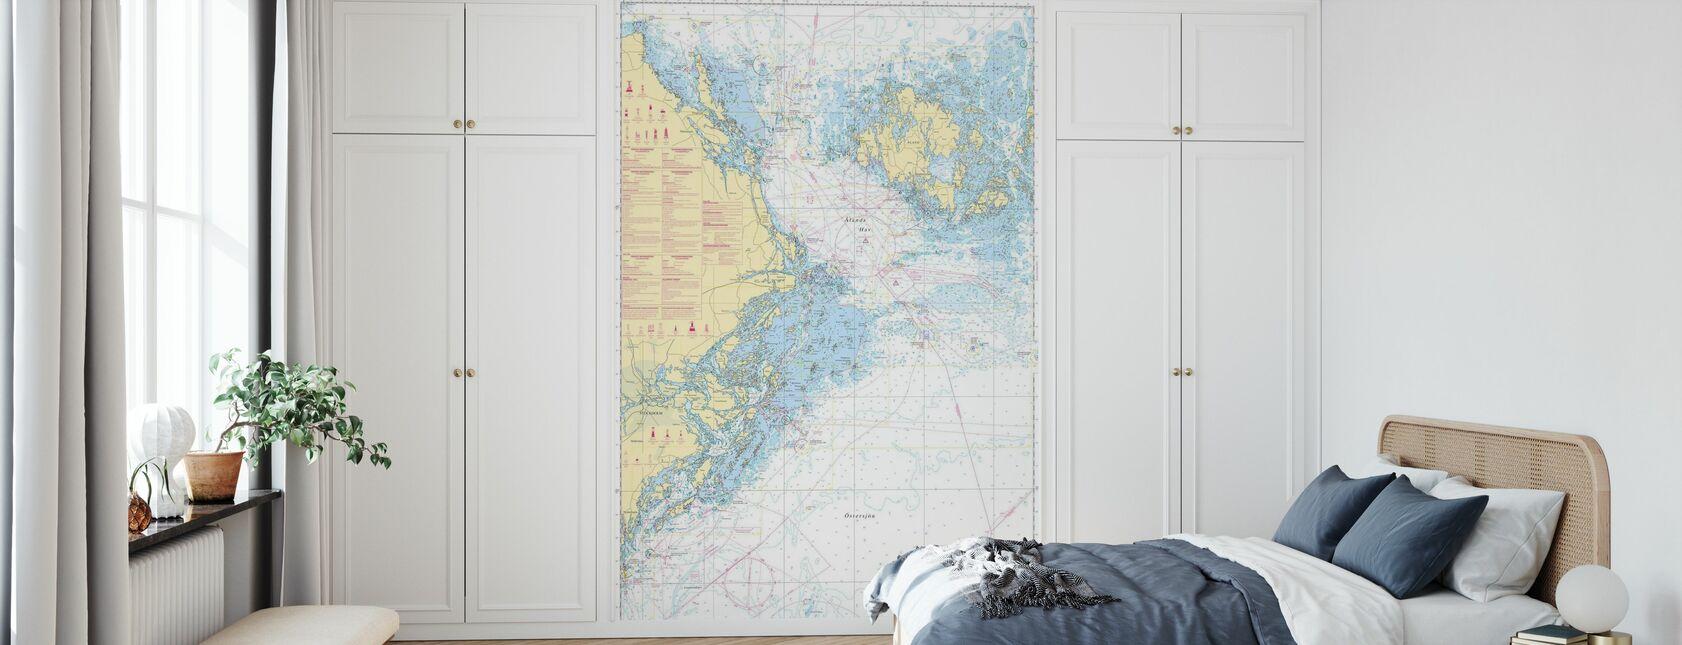 Havsdiagram 61 - Landsort - Alands Hav - Tapet - Sovrum